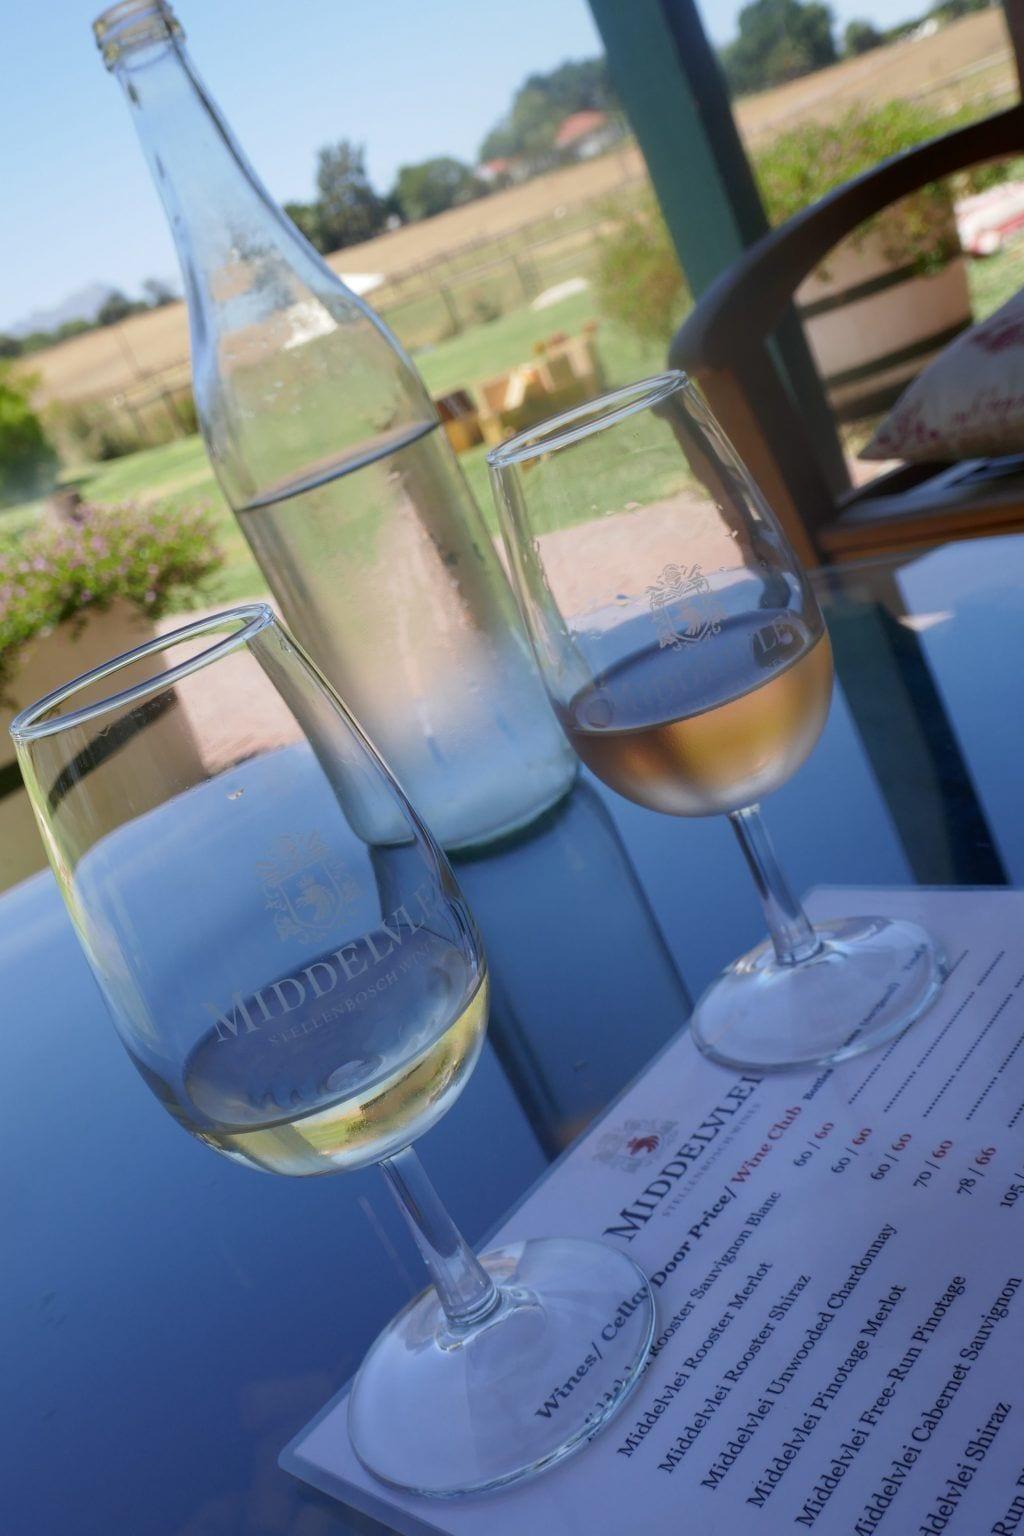 Sydafrika vin - rejser